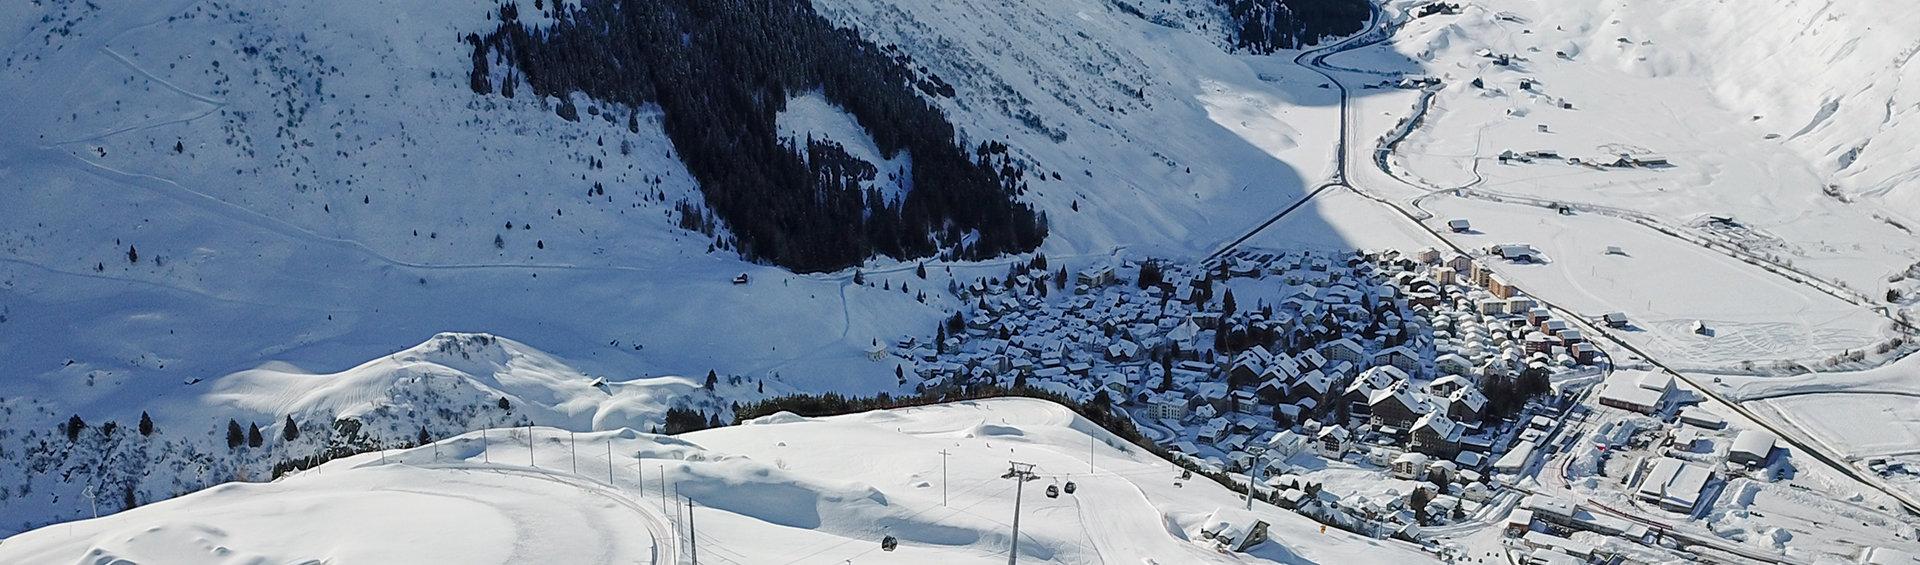 Blick auf Andermatt - © SkiArena Andermatt-Sedrun-Disentis